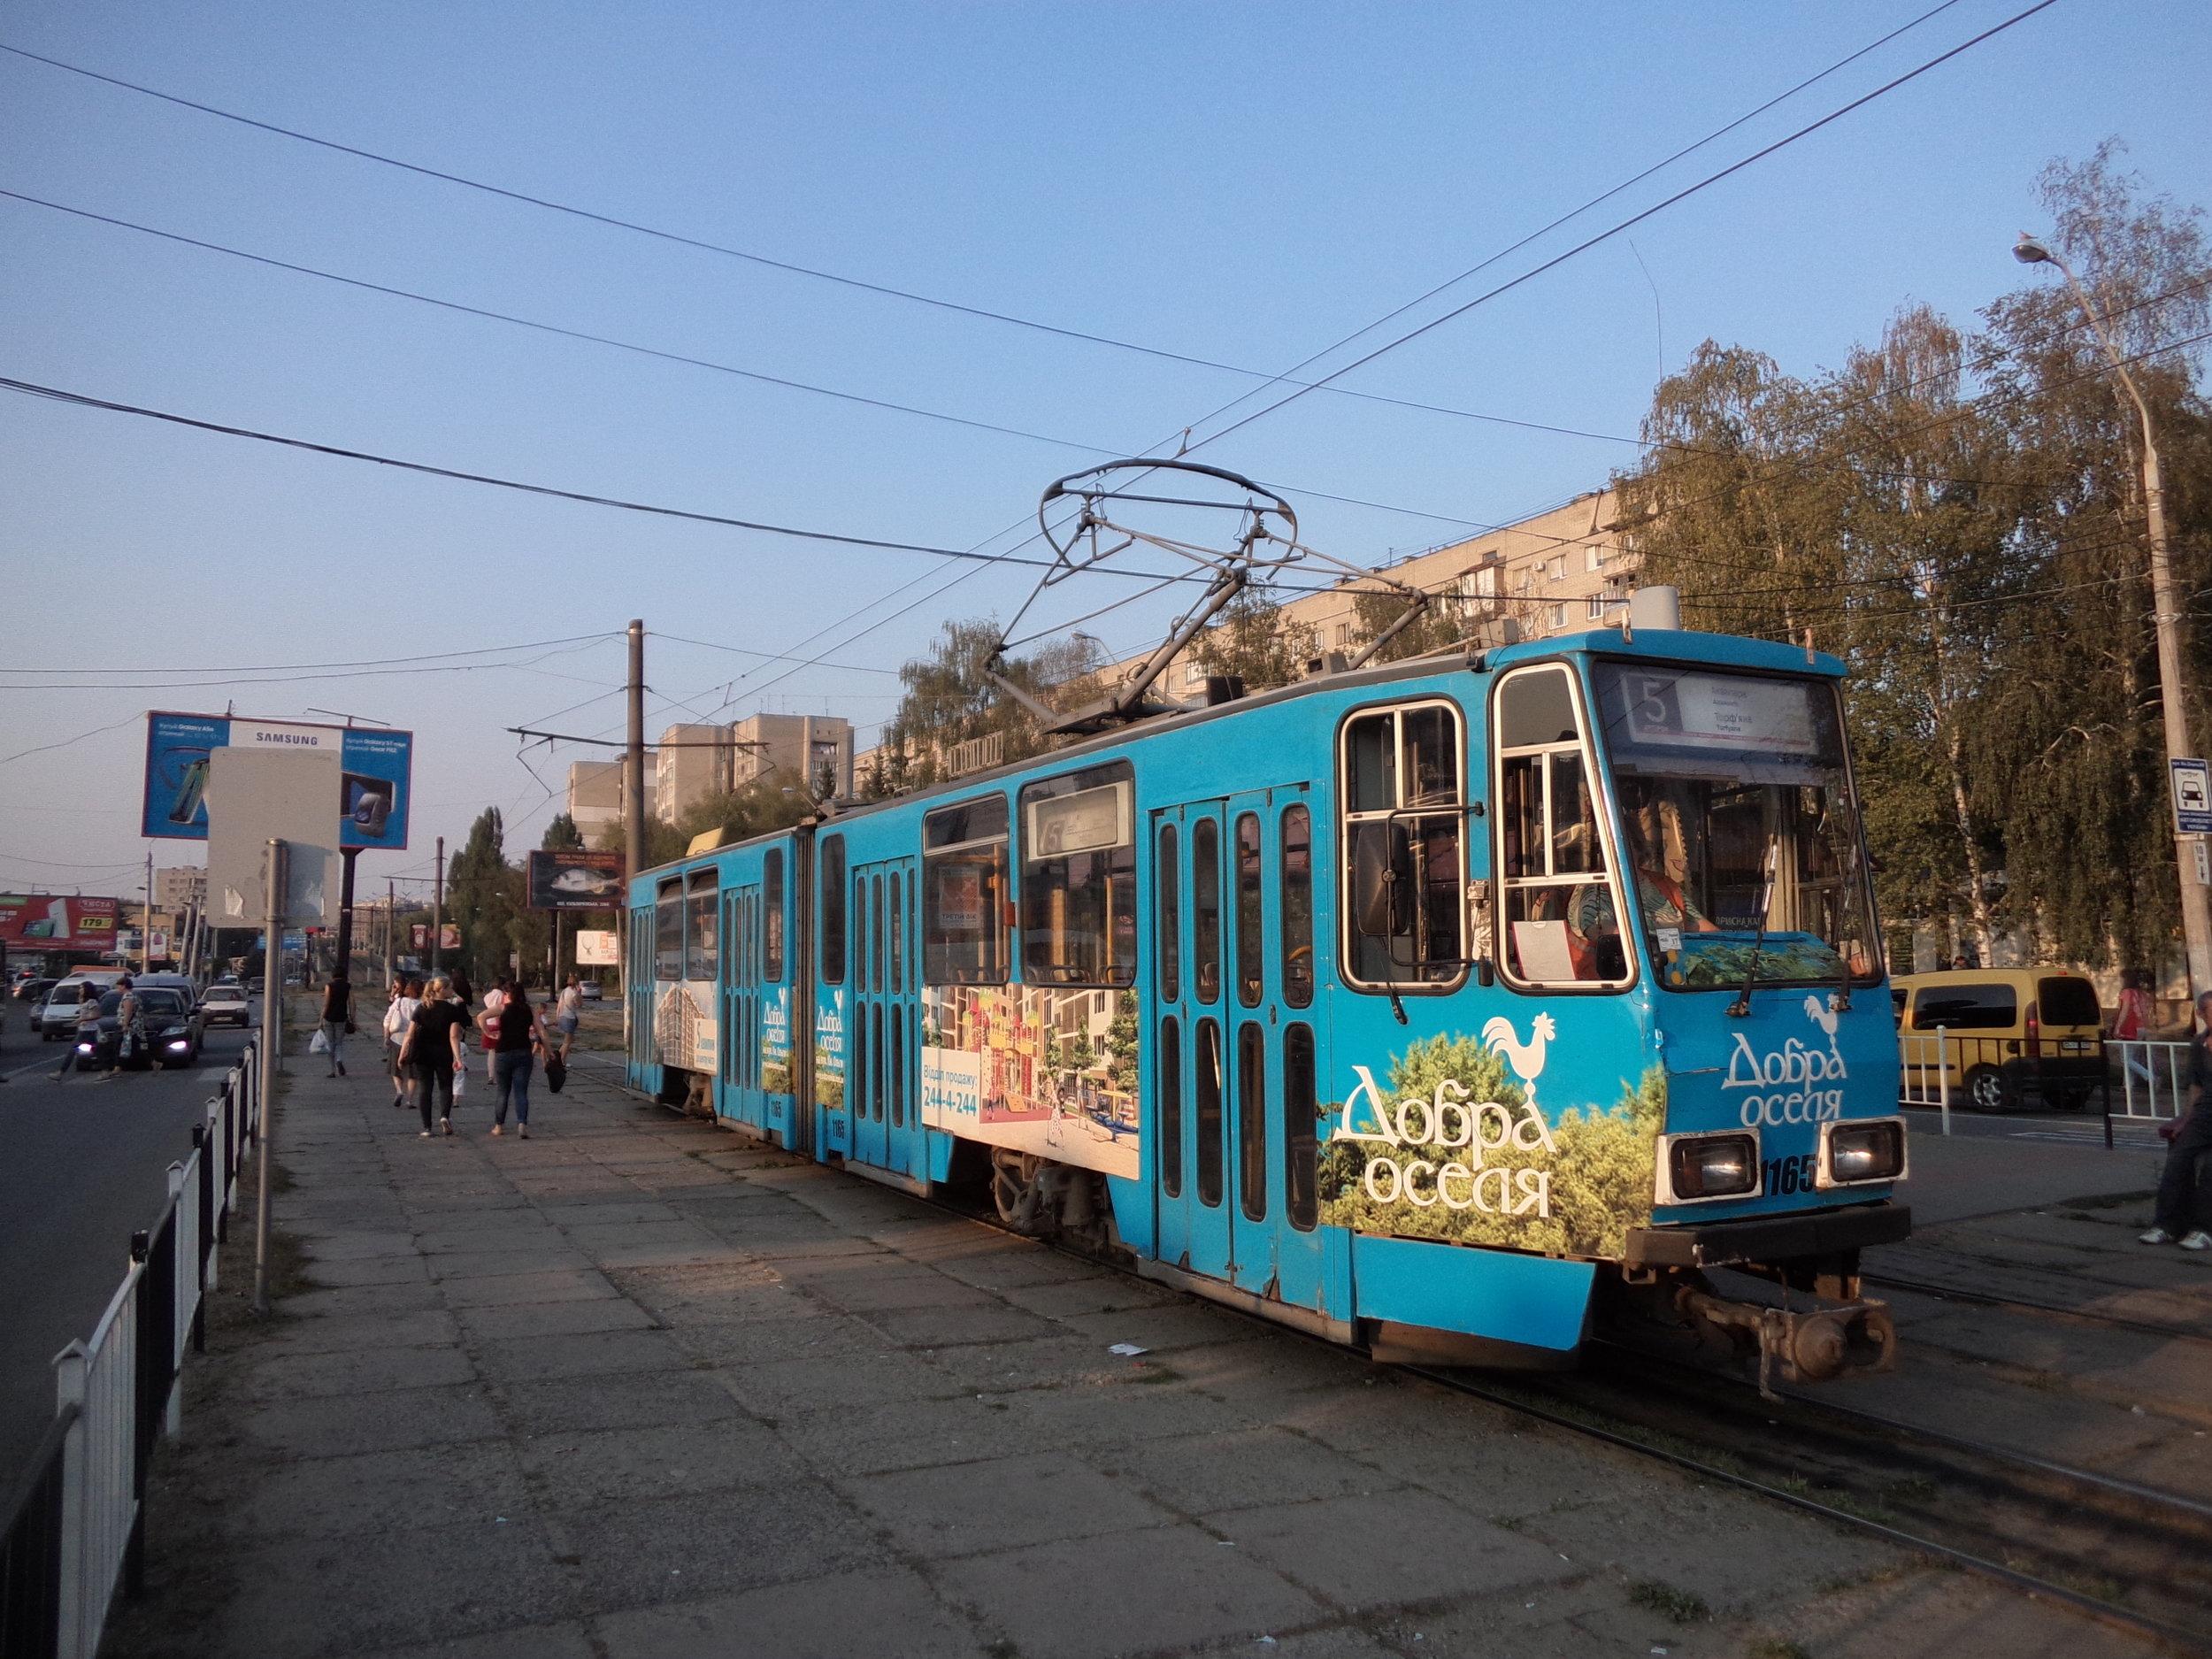 Tramvaj linky č. 5 na konečné Akvapark. Trať sem vedoucí také volá po své rekonstrukci...